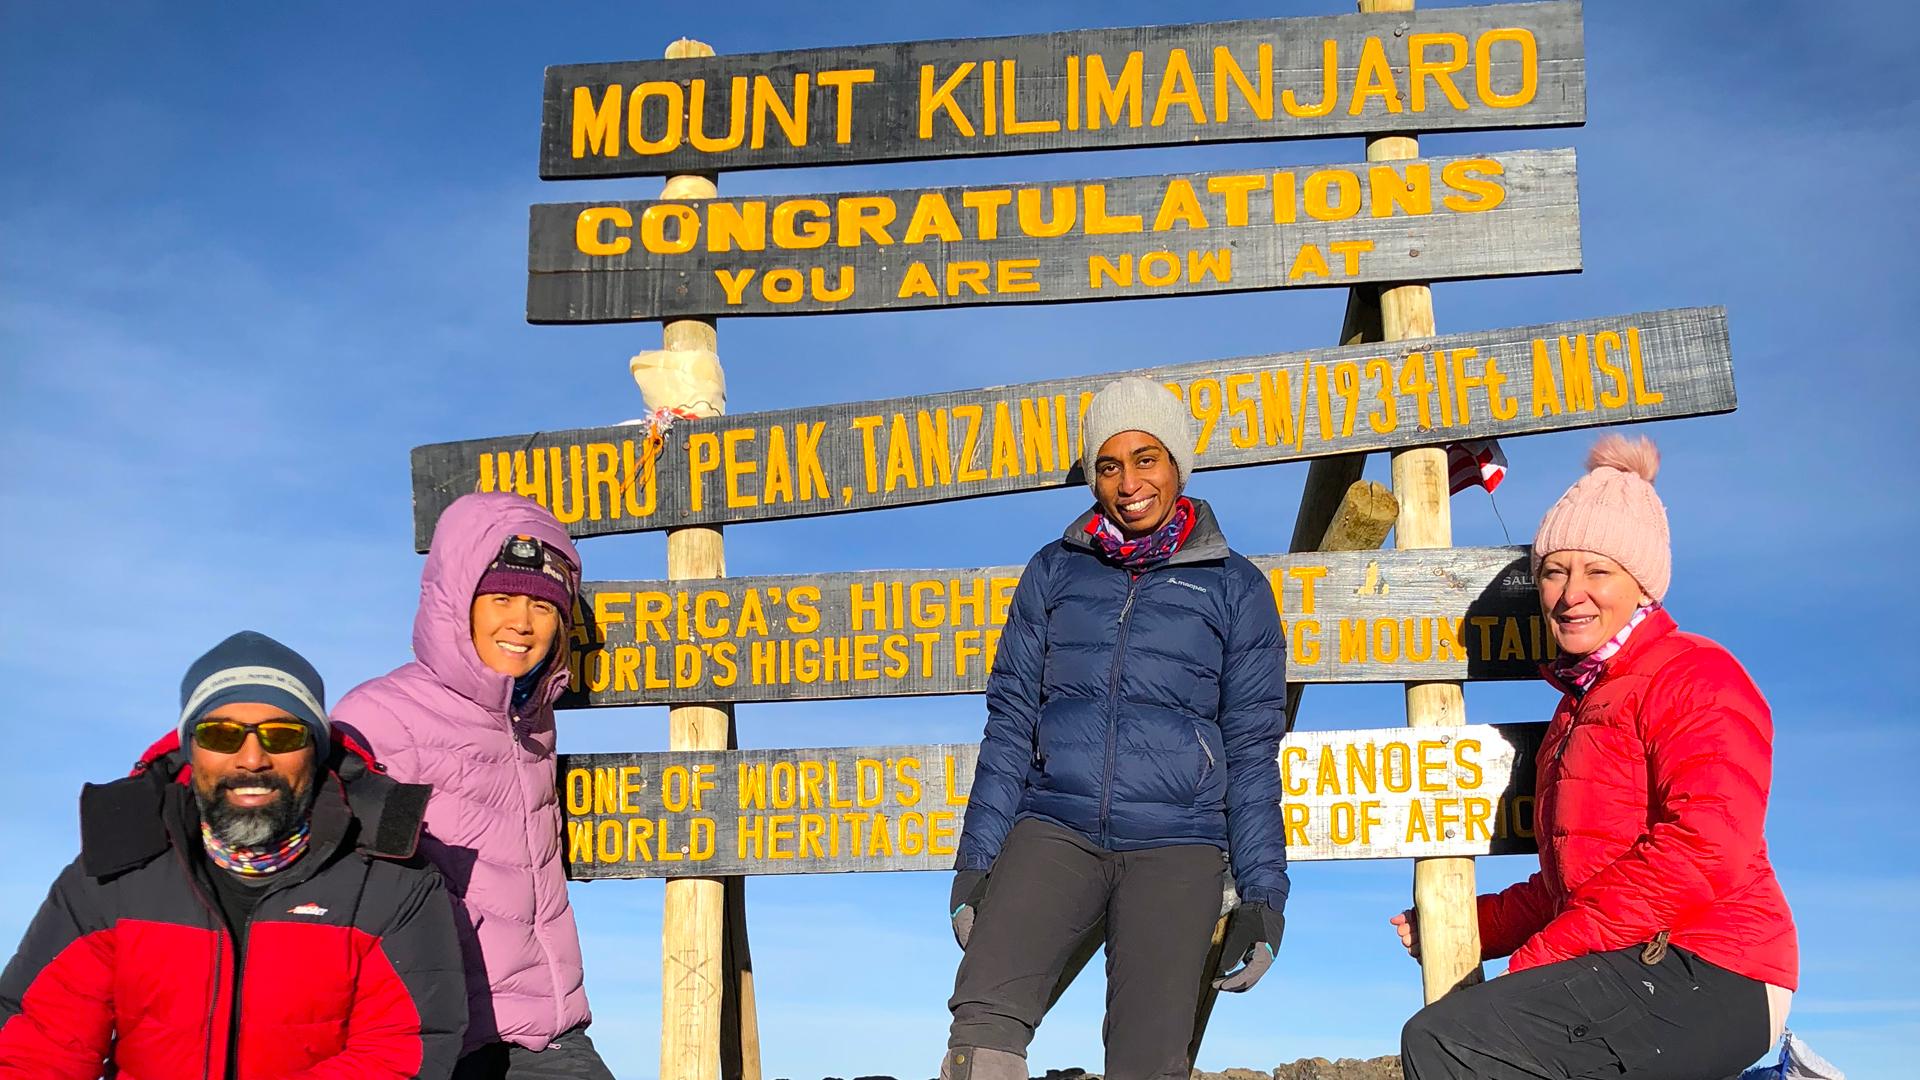 Uhuru Peak - 5,895m